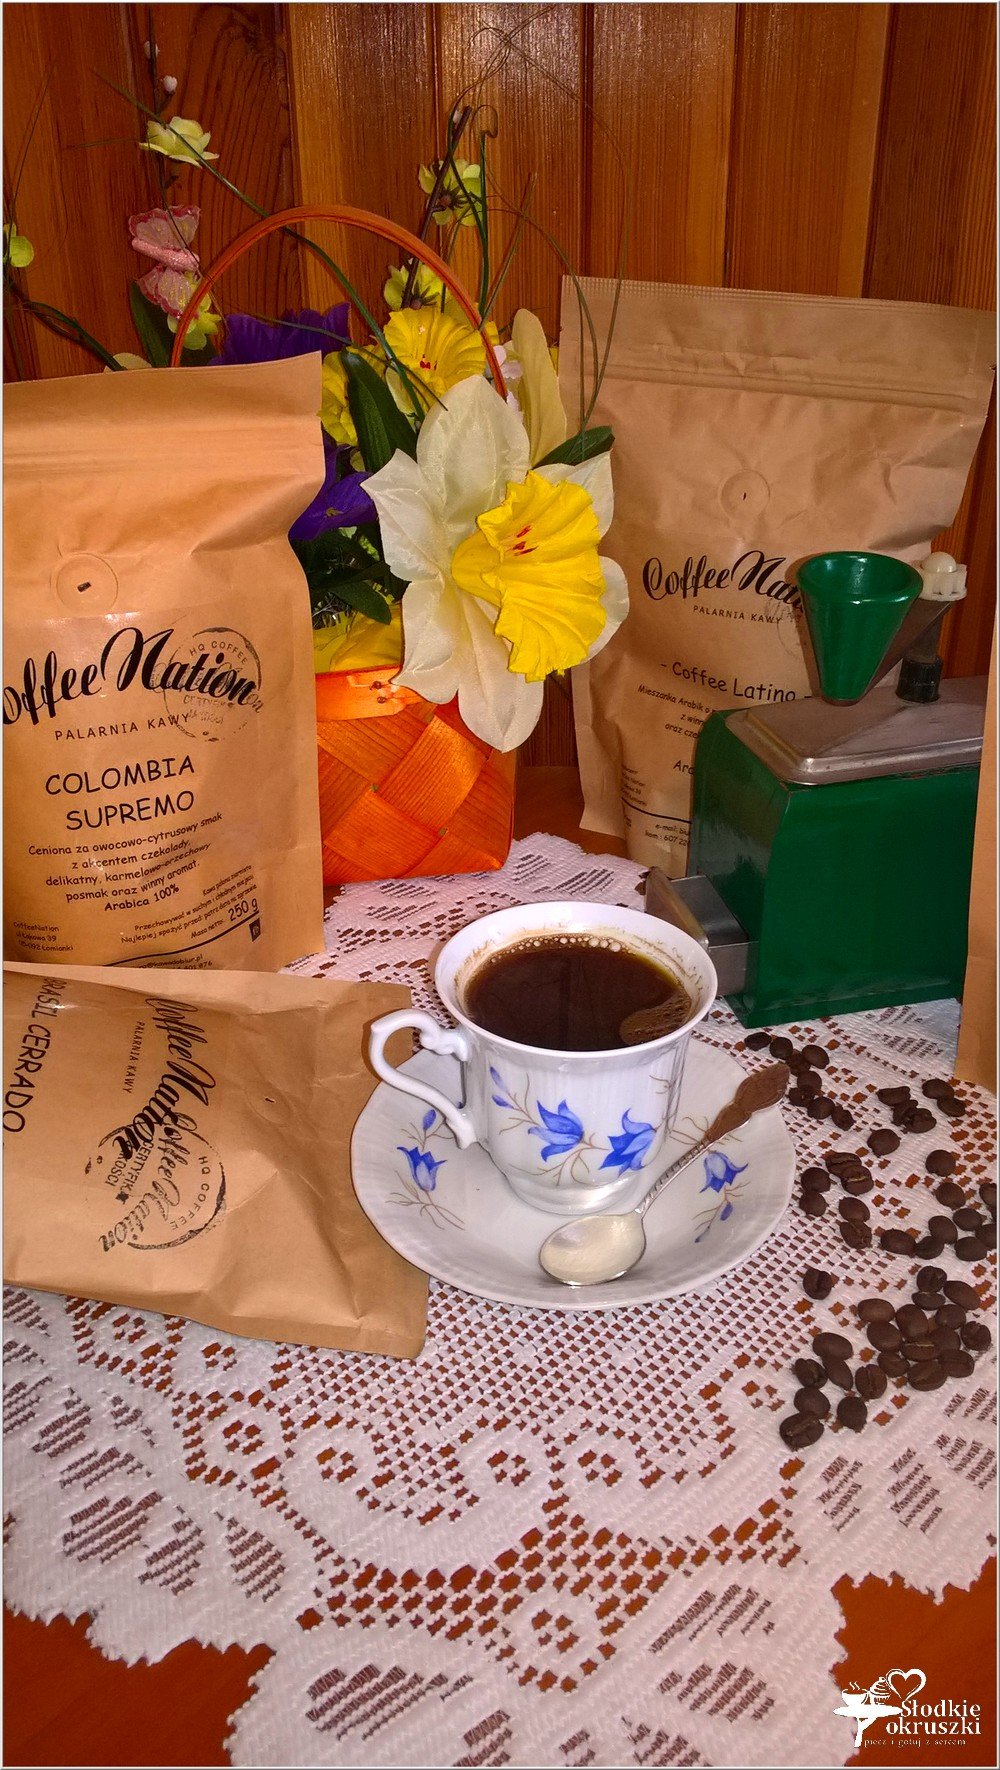 kawa z palarni CoffeNation (2)